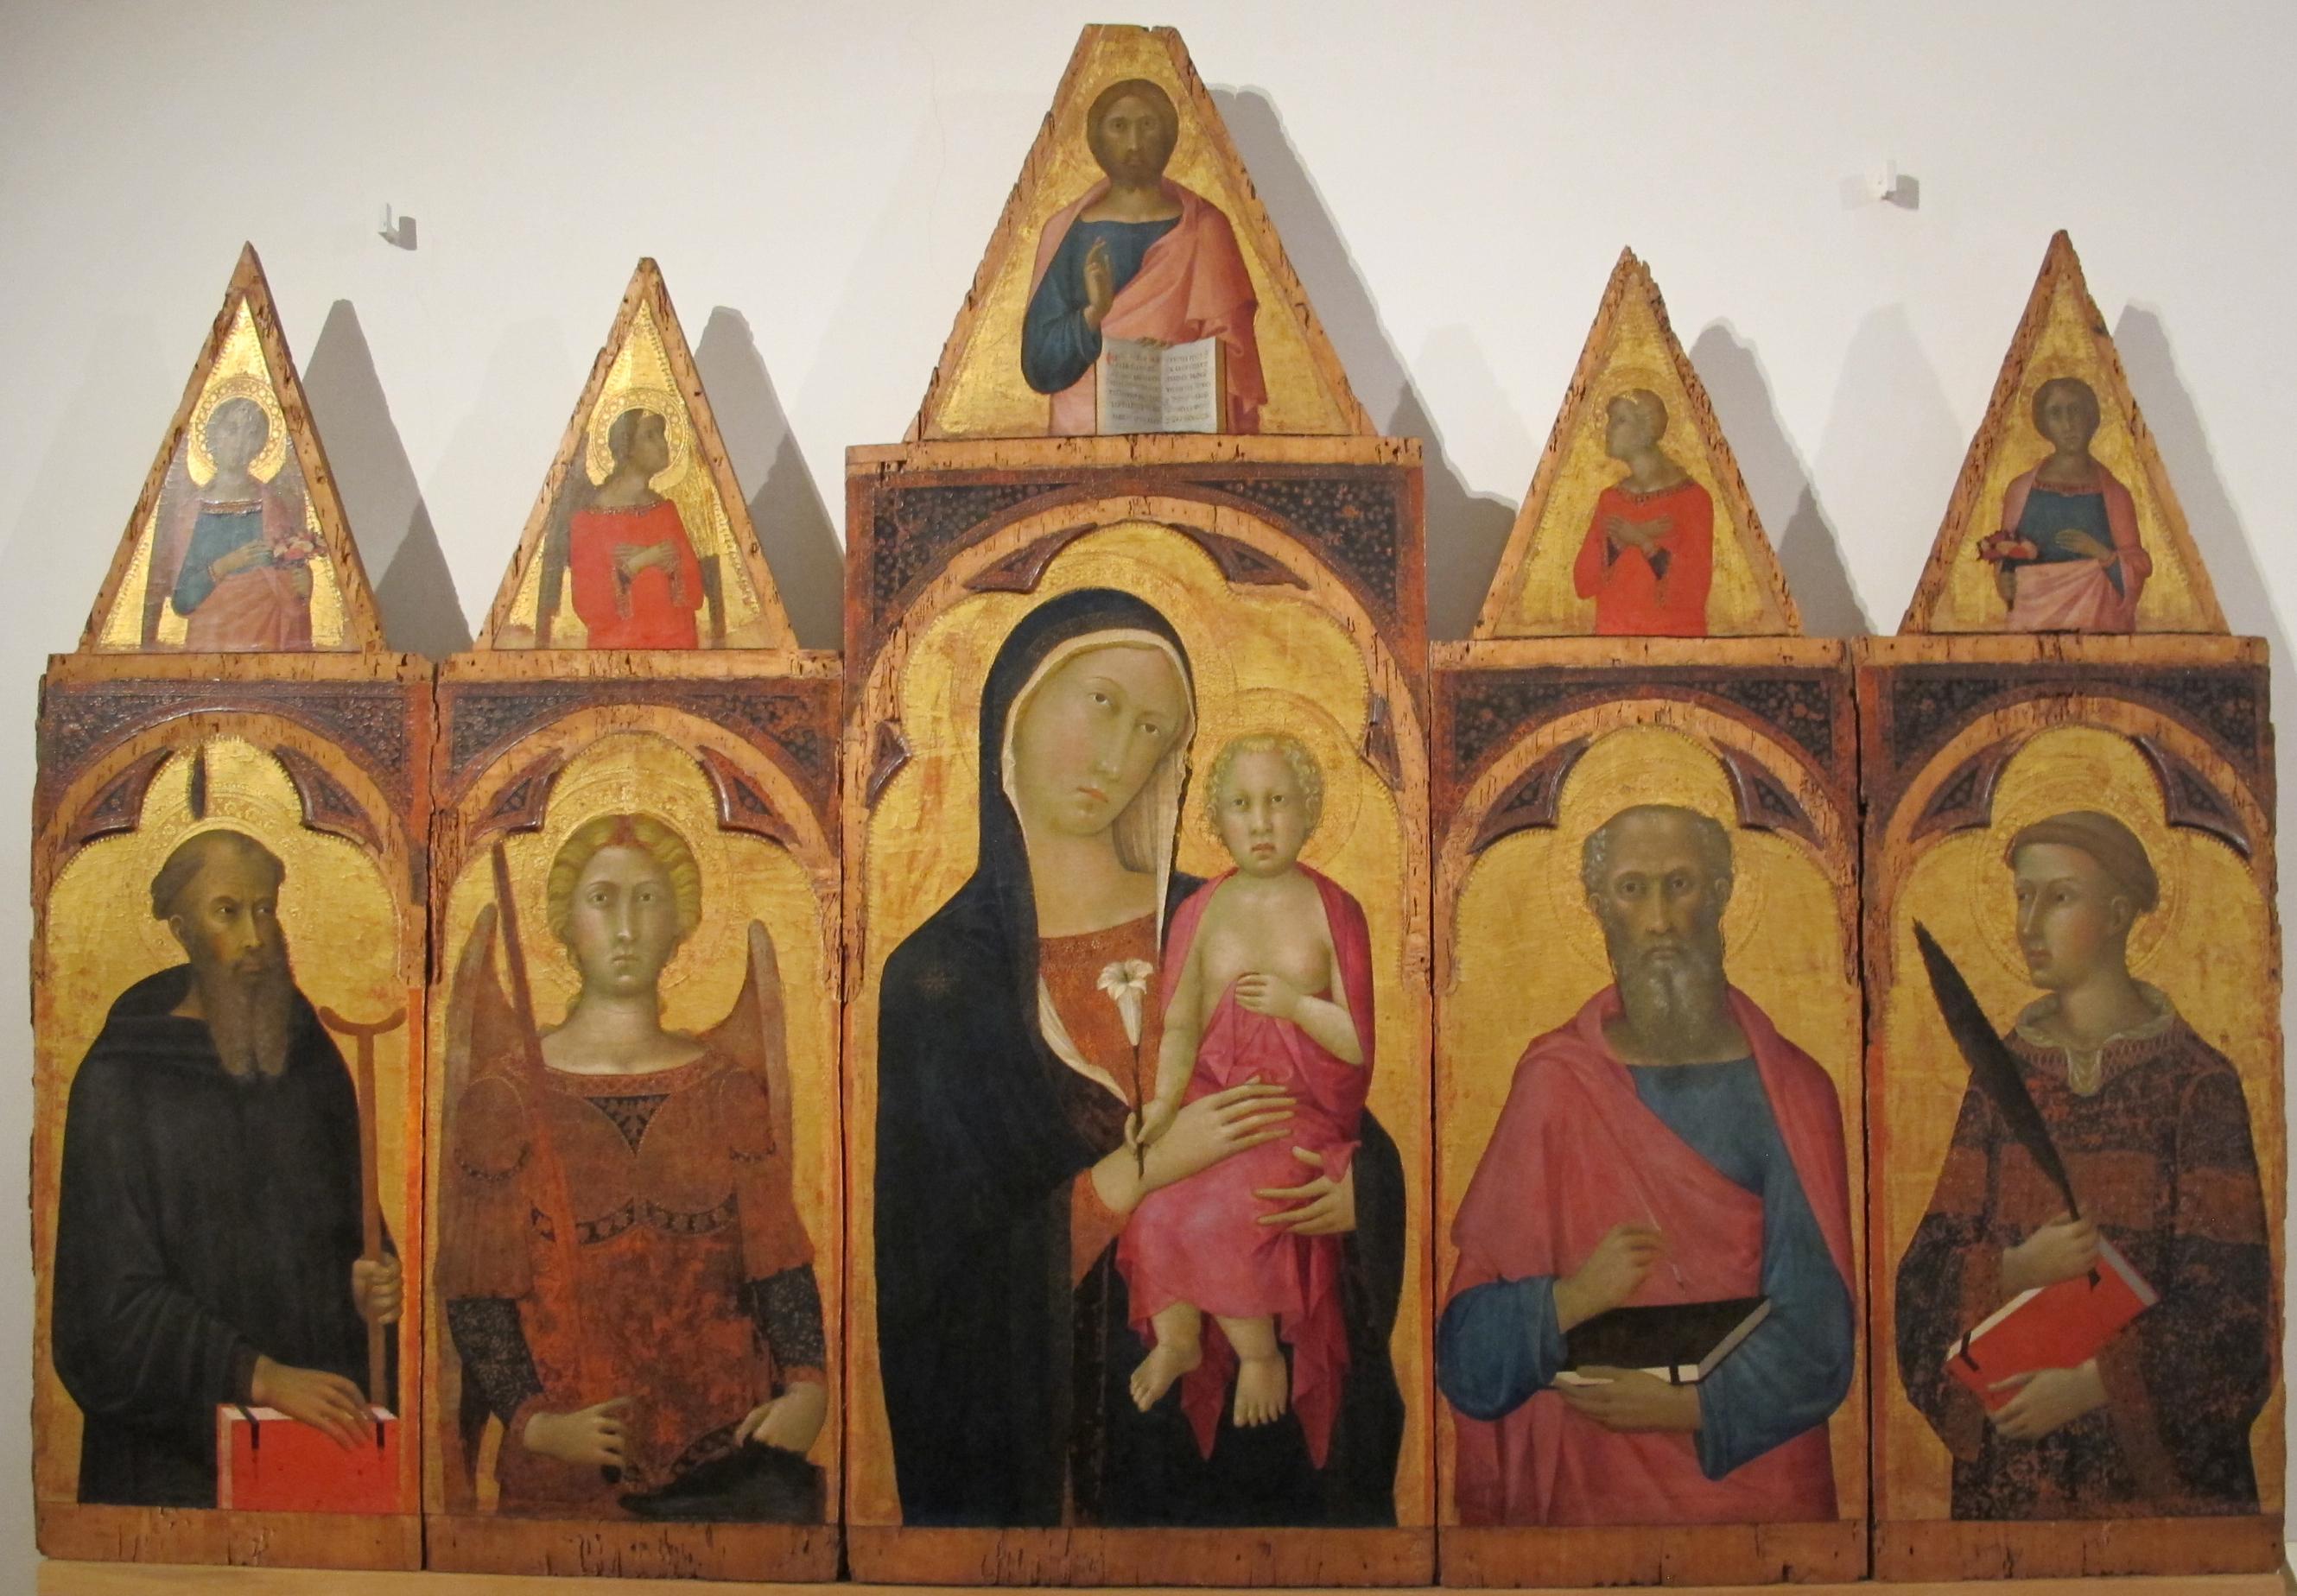 File:Naddo ceccarelli, madonna e santi, 1347 ca.JPG